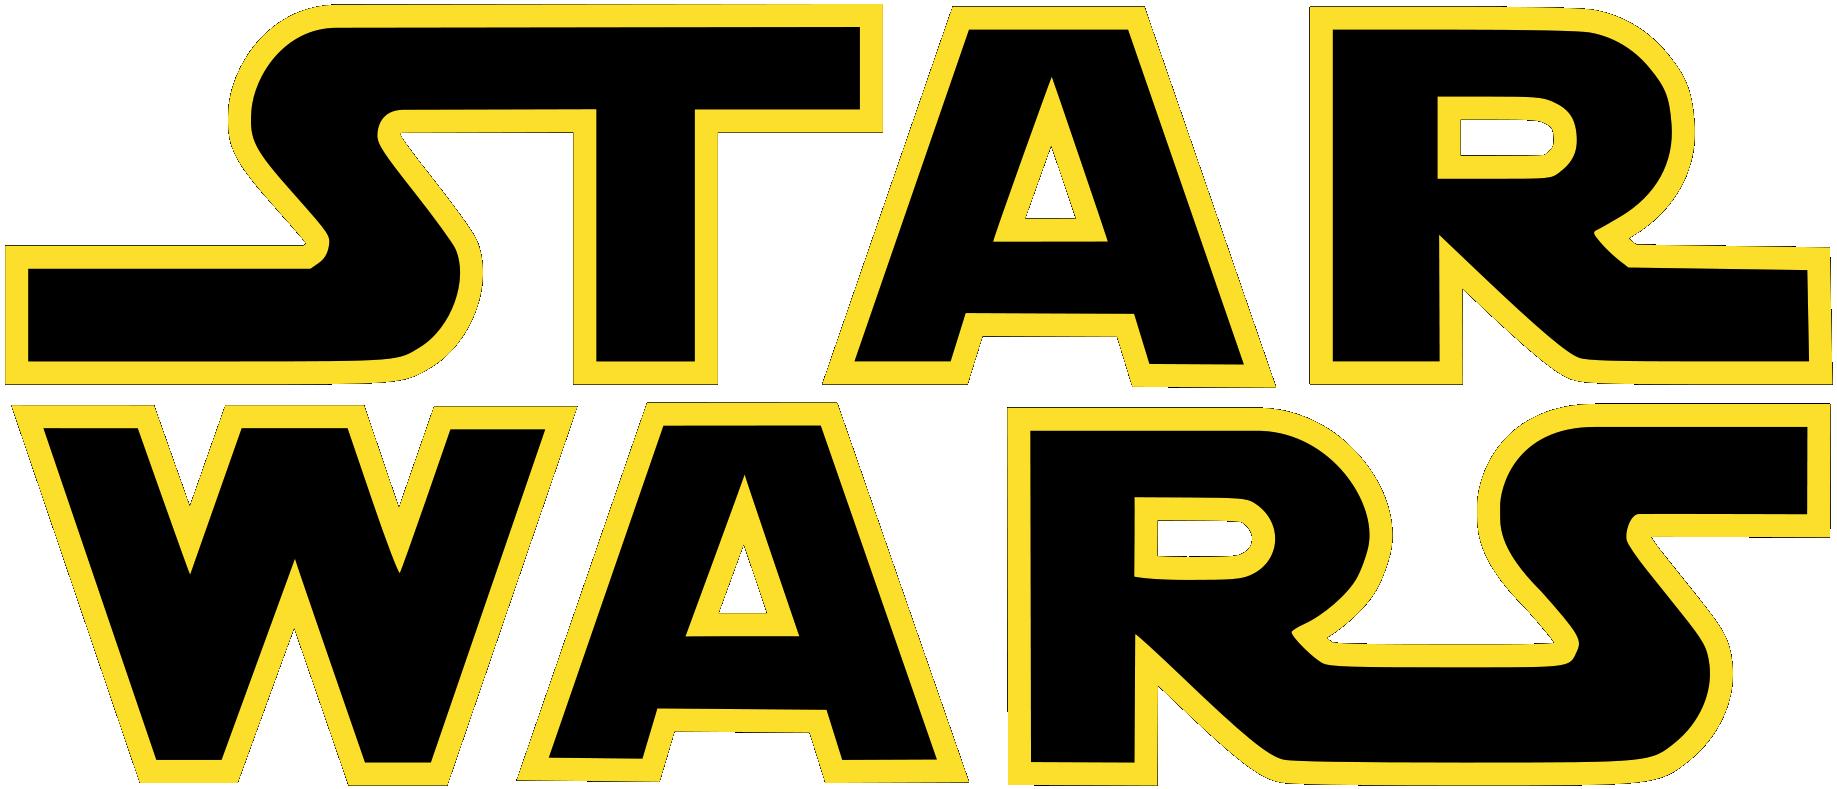 File:Starwars-logo.png